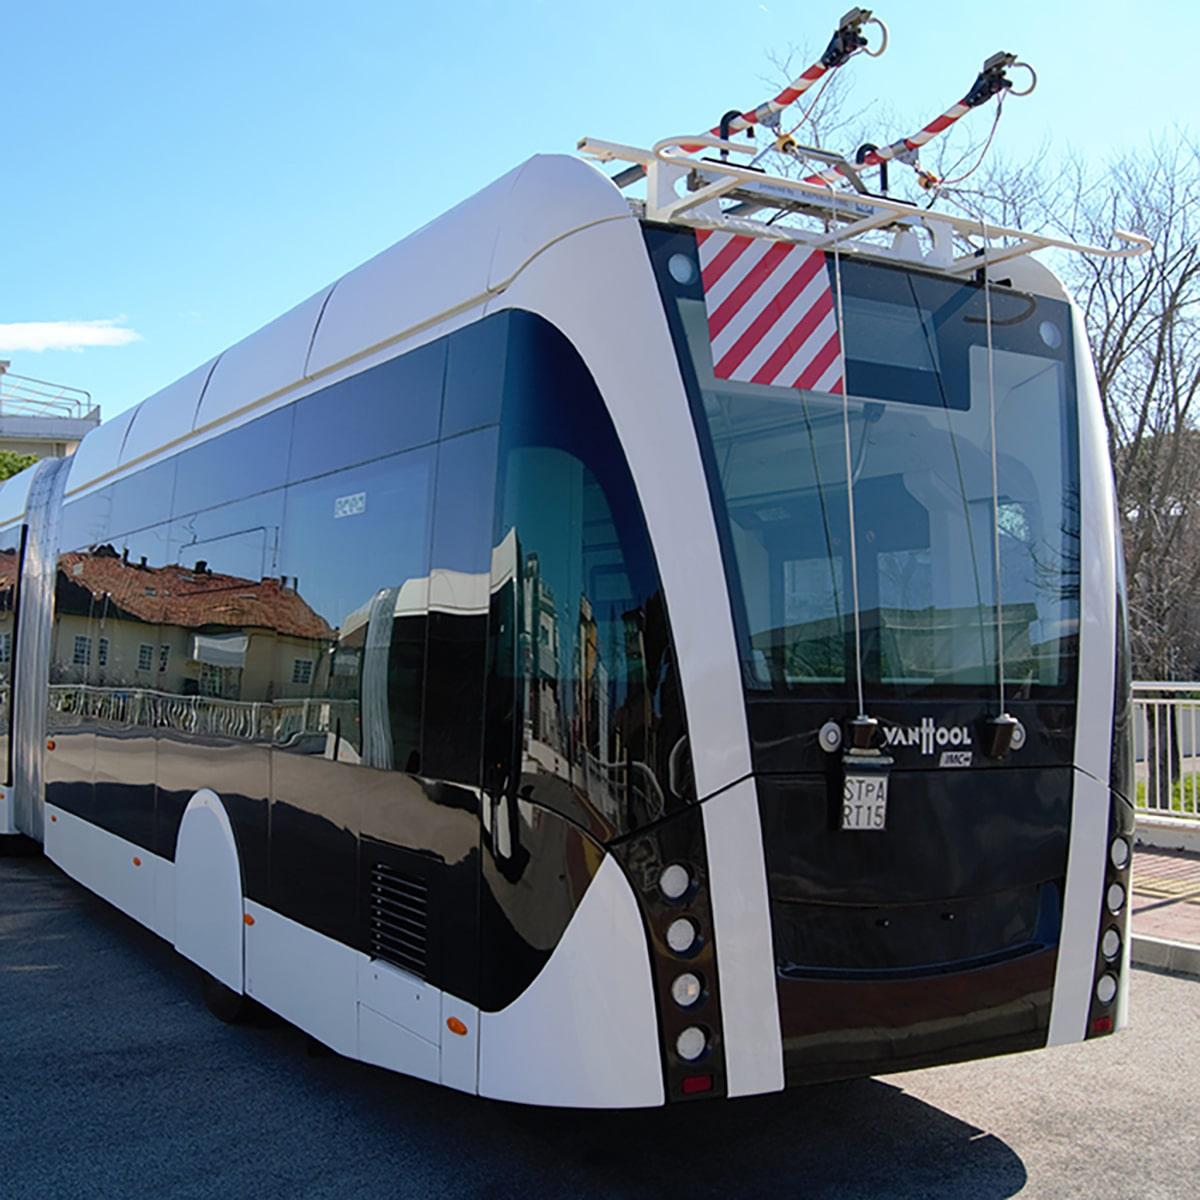 Prolungamento del Metromare alla Fiera: 90 milioni di euro e molti problemi aperti